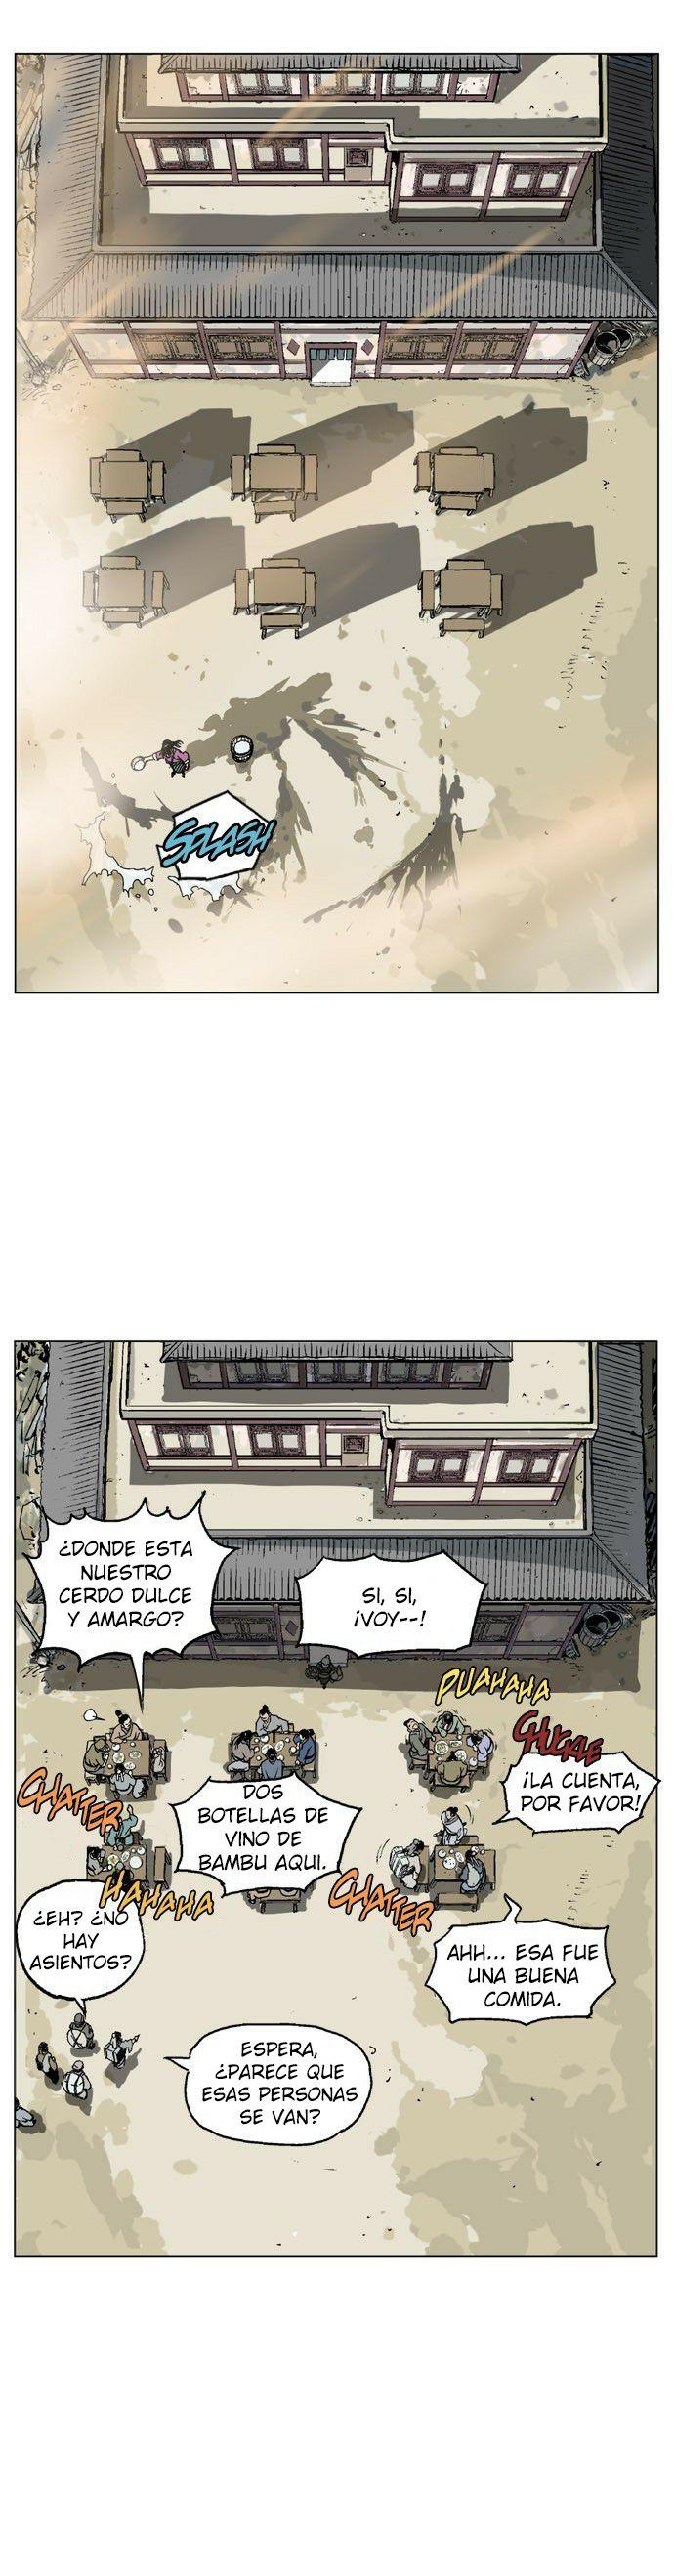 https://c5.ninemanga.com/es_manga/pic2/9/18249/502526/2c6013eae59ce171ddbcdb7a0a0becef.jpg Page 5